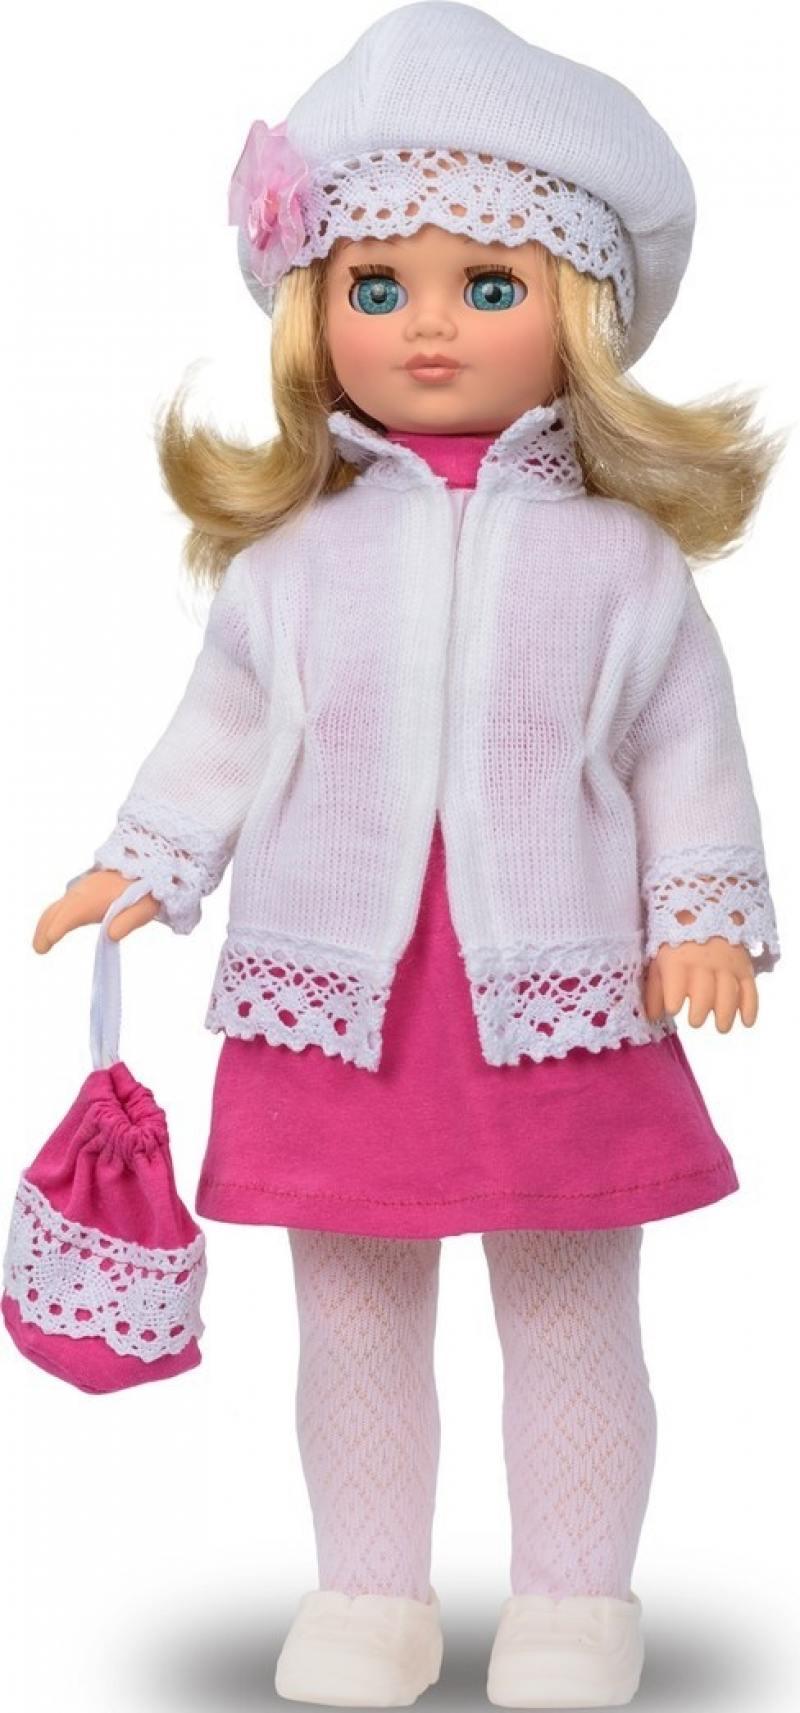 Кукла ВЕСНА Лиза 22 (озвученная) весна кукла озвученная герда 15